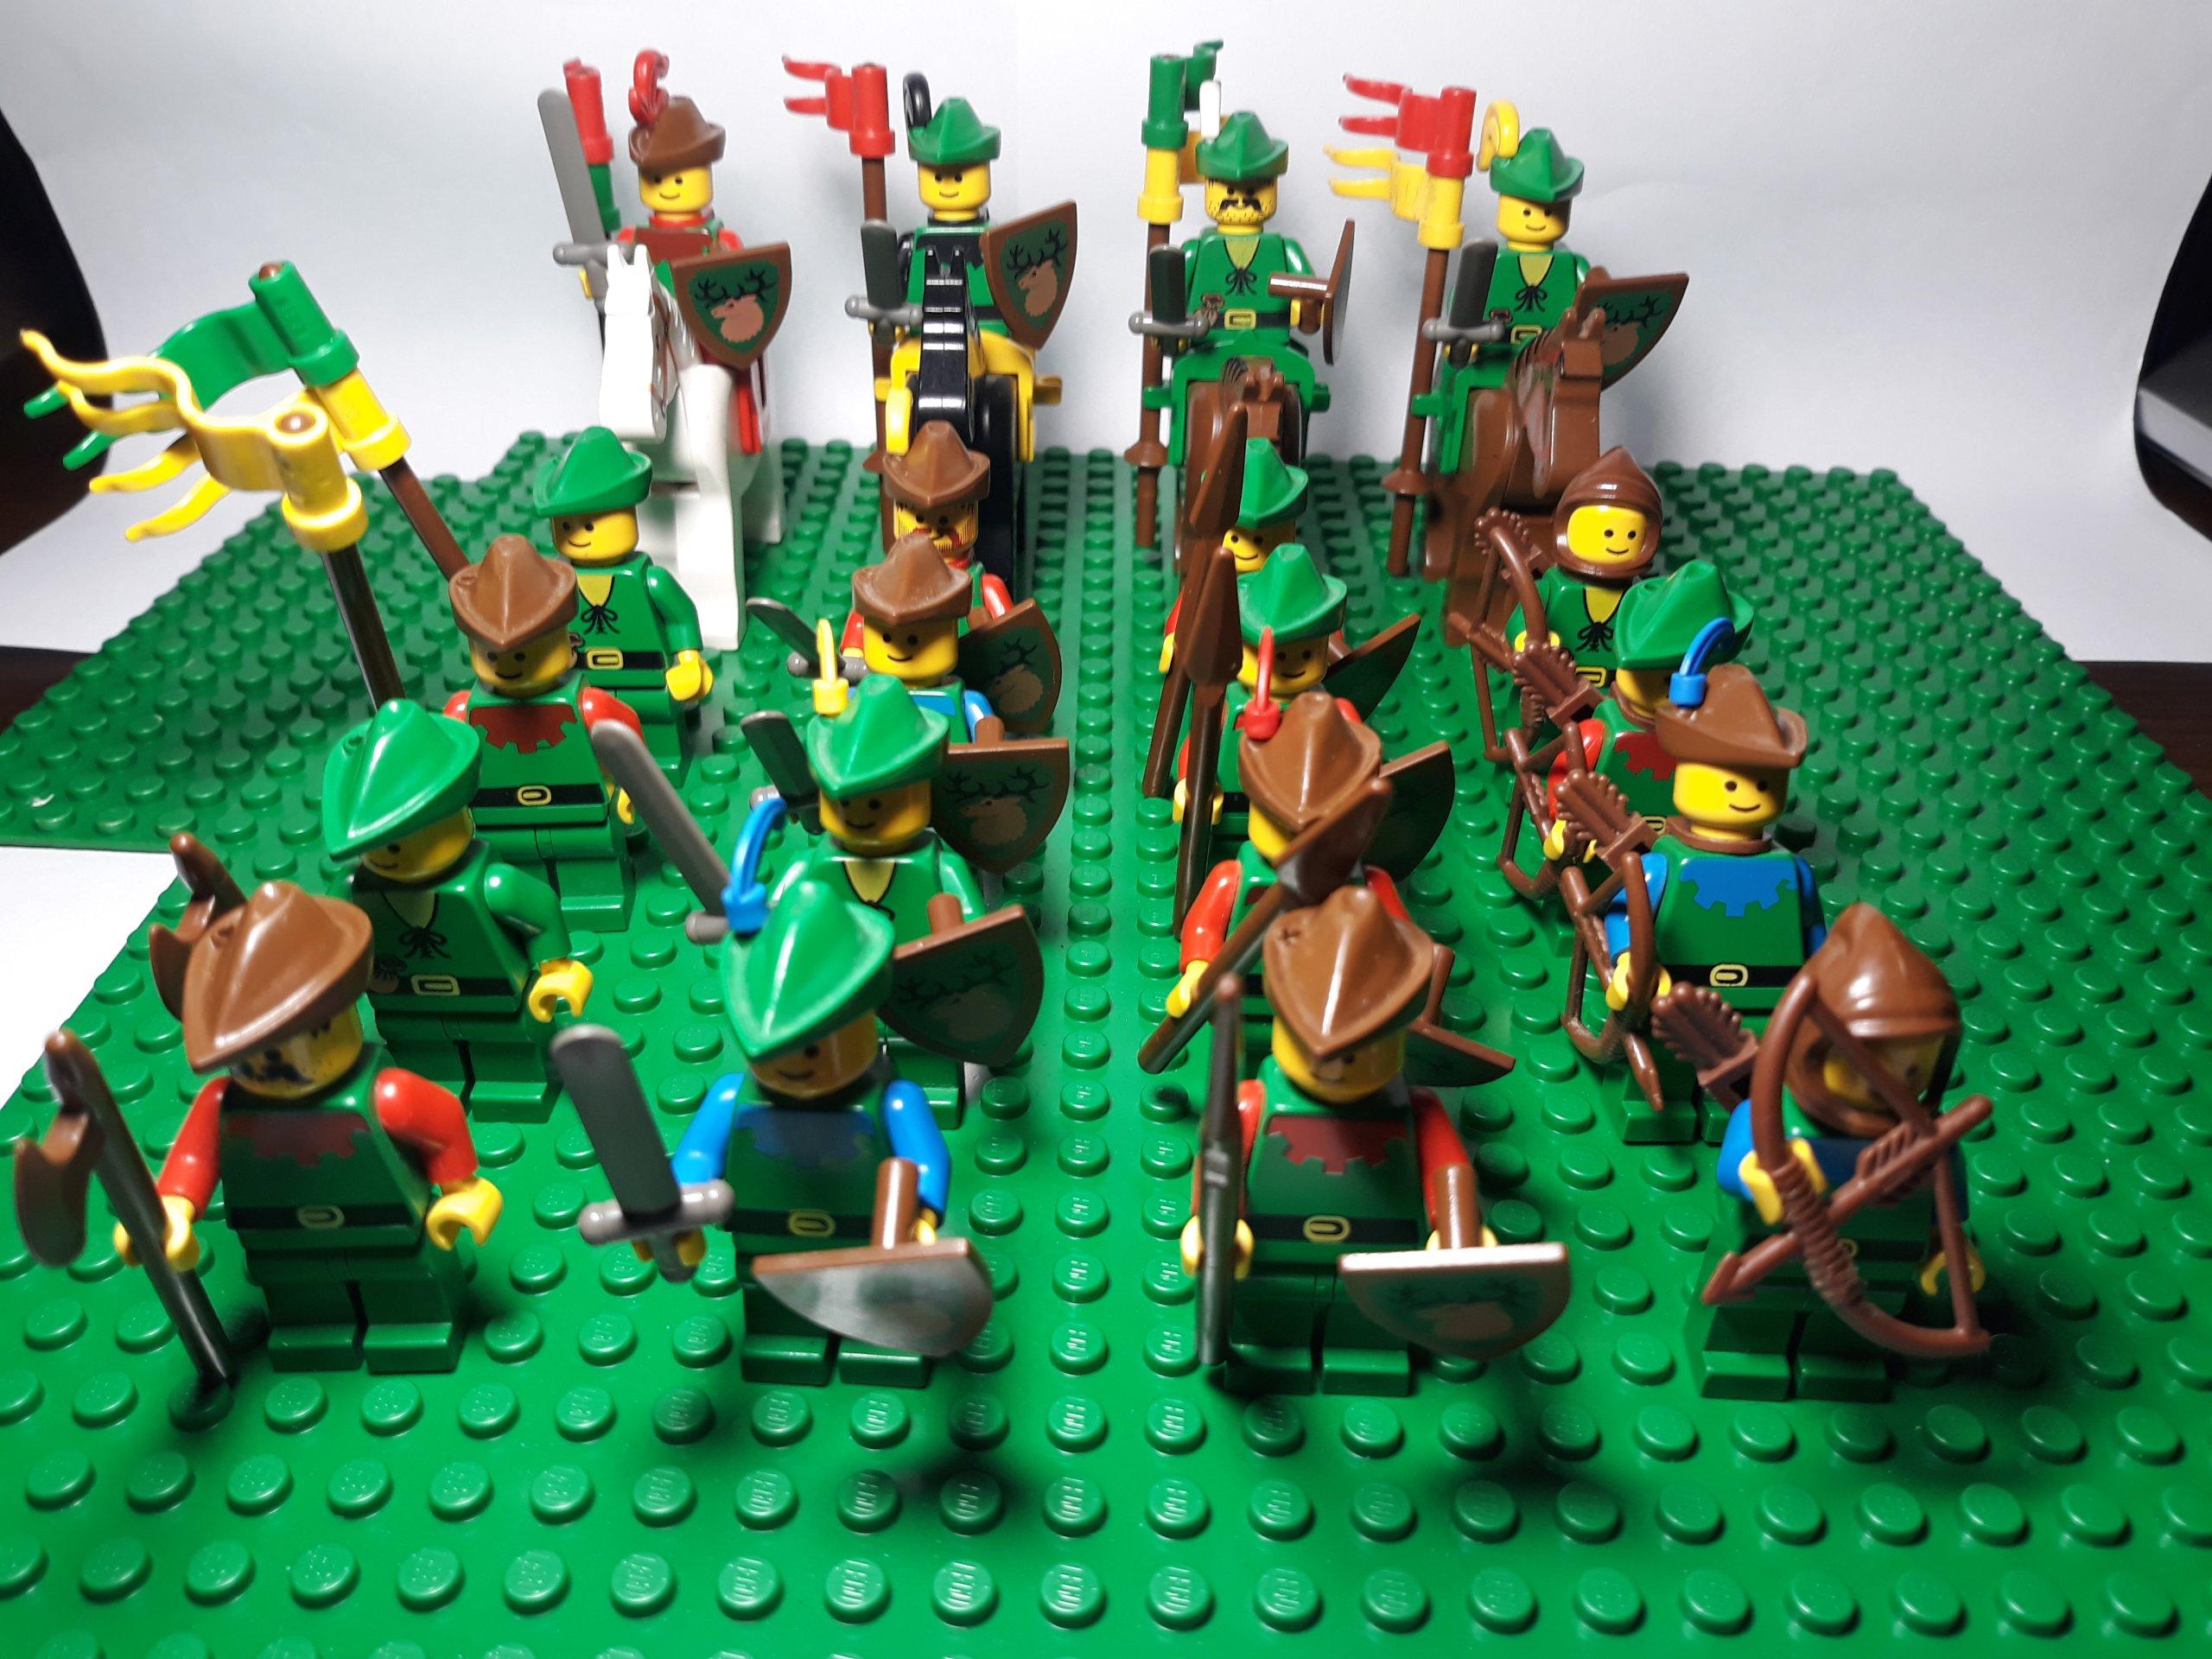 Lego Castle Zamek Rycerze Armia Forestmen 7133474444 Oficjalne